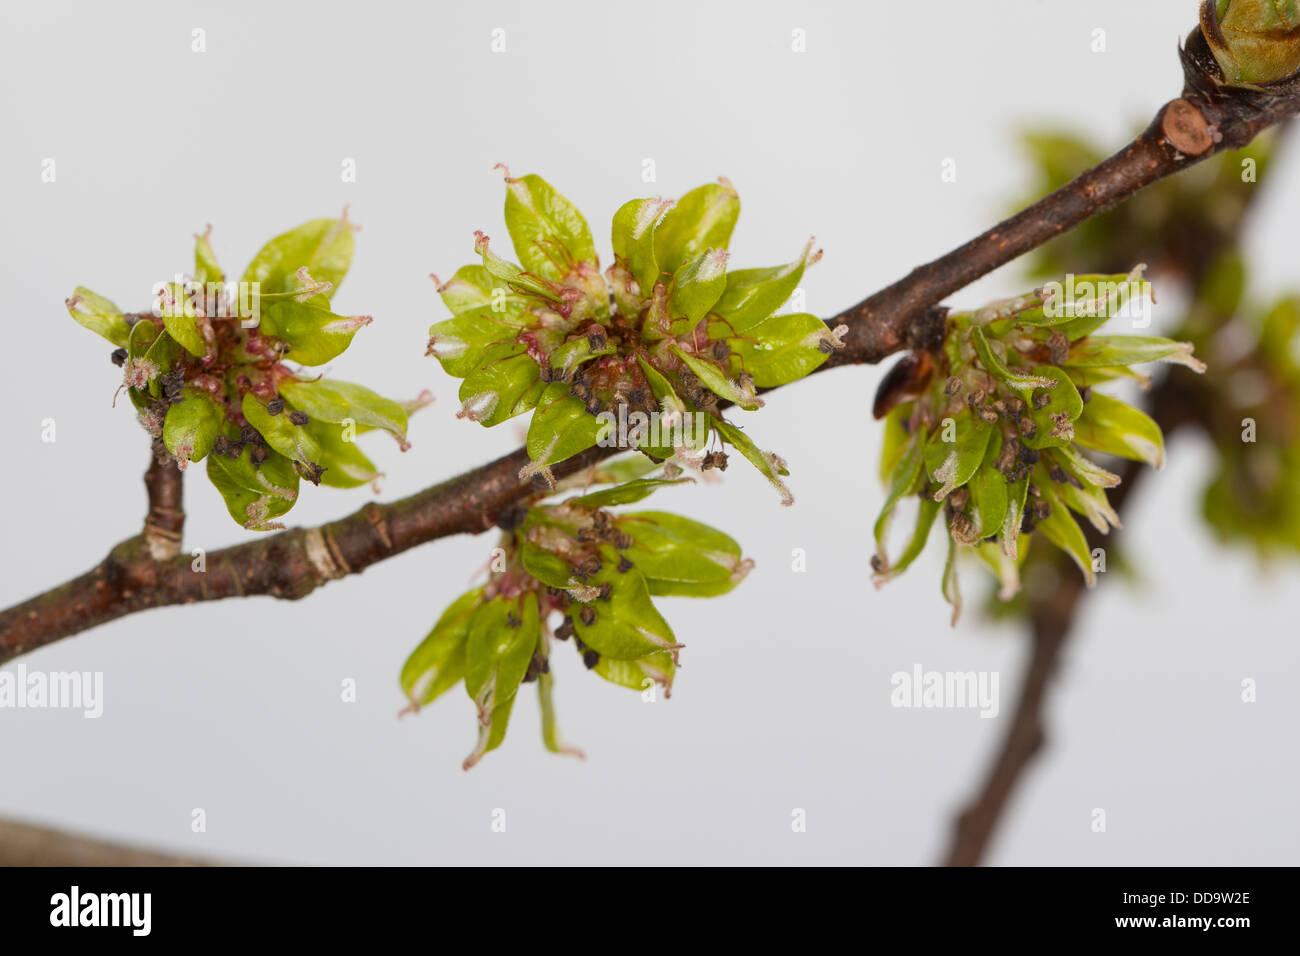 Wych Elm, Scots Elm, blossoms, Berg-Ulme, Bergulme, Blüten, Ulme, Ulmus glabra, Ulmus scabra, Ulmus montana - Stock Image